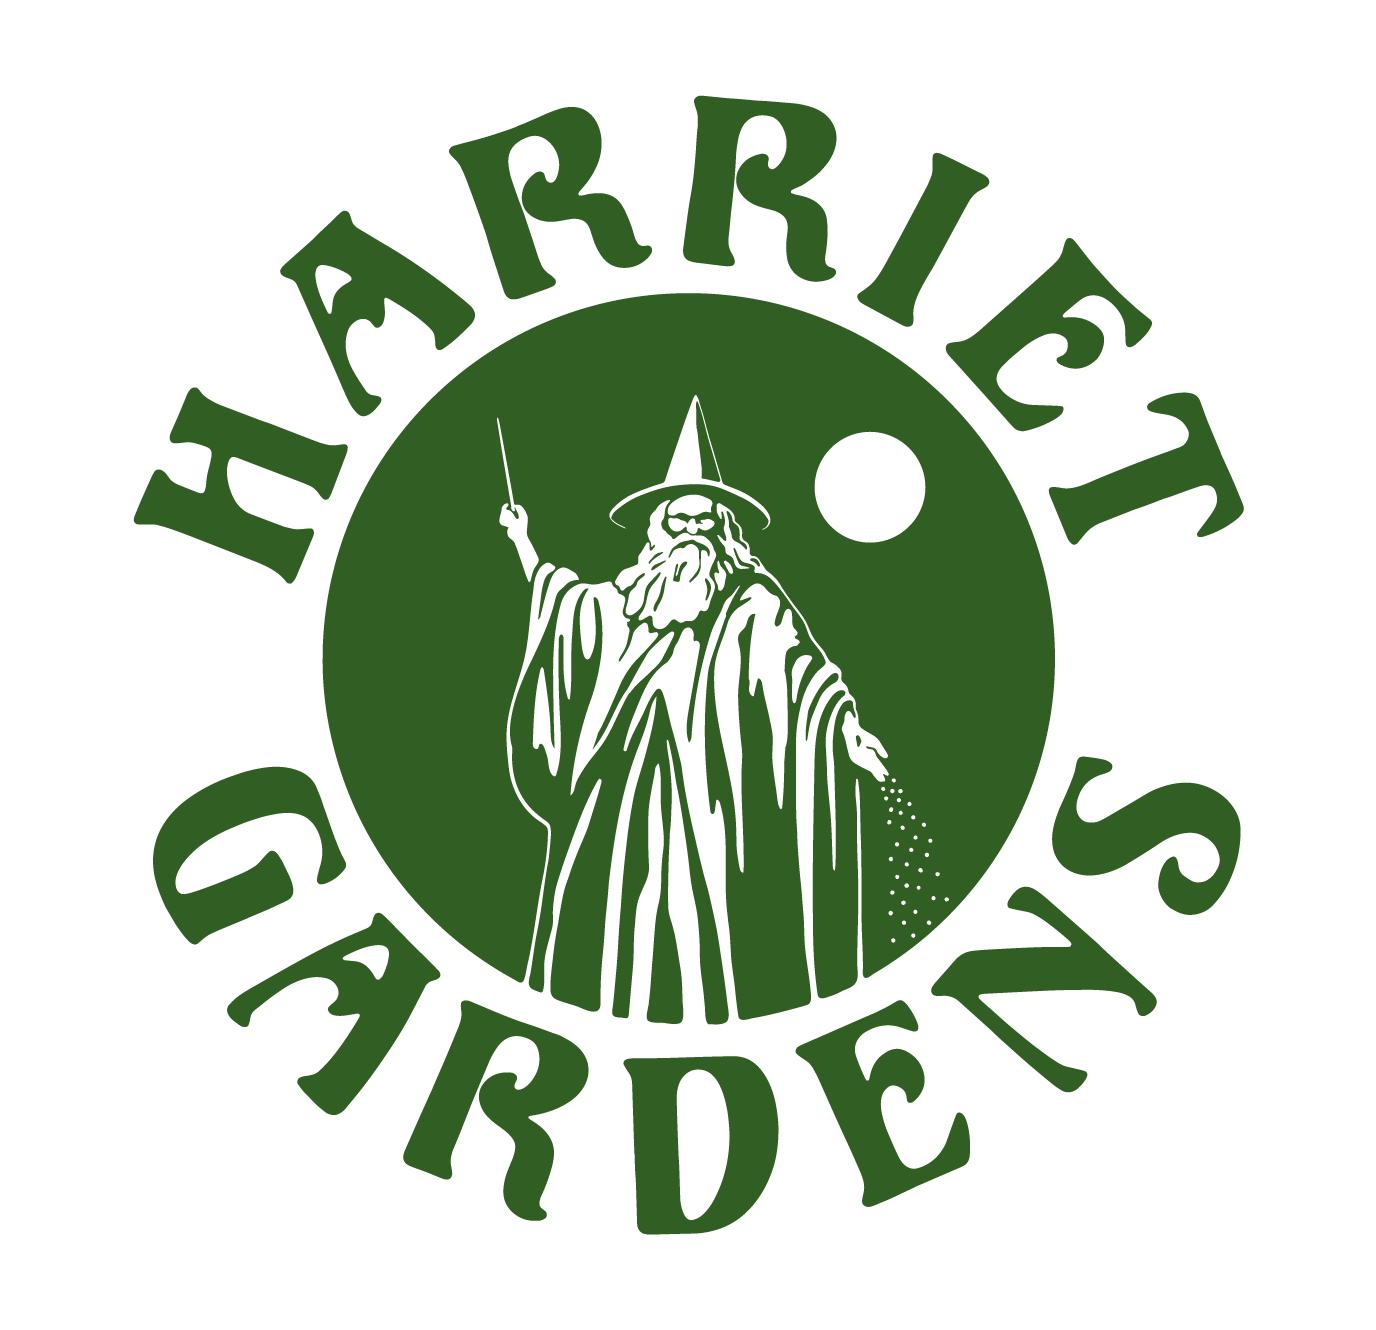 HARRIET GARDENS - 2019